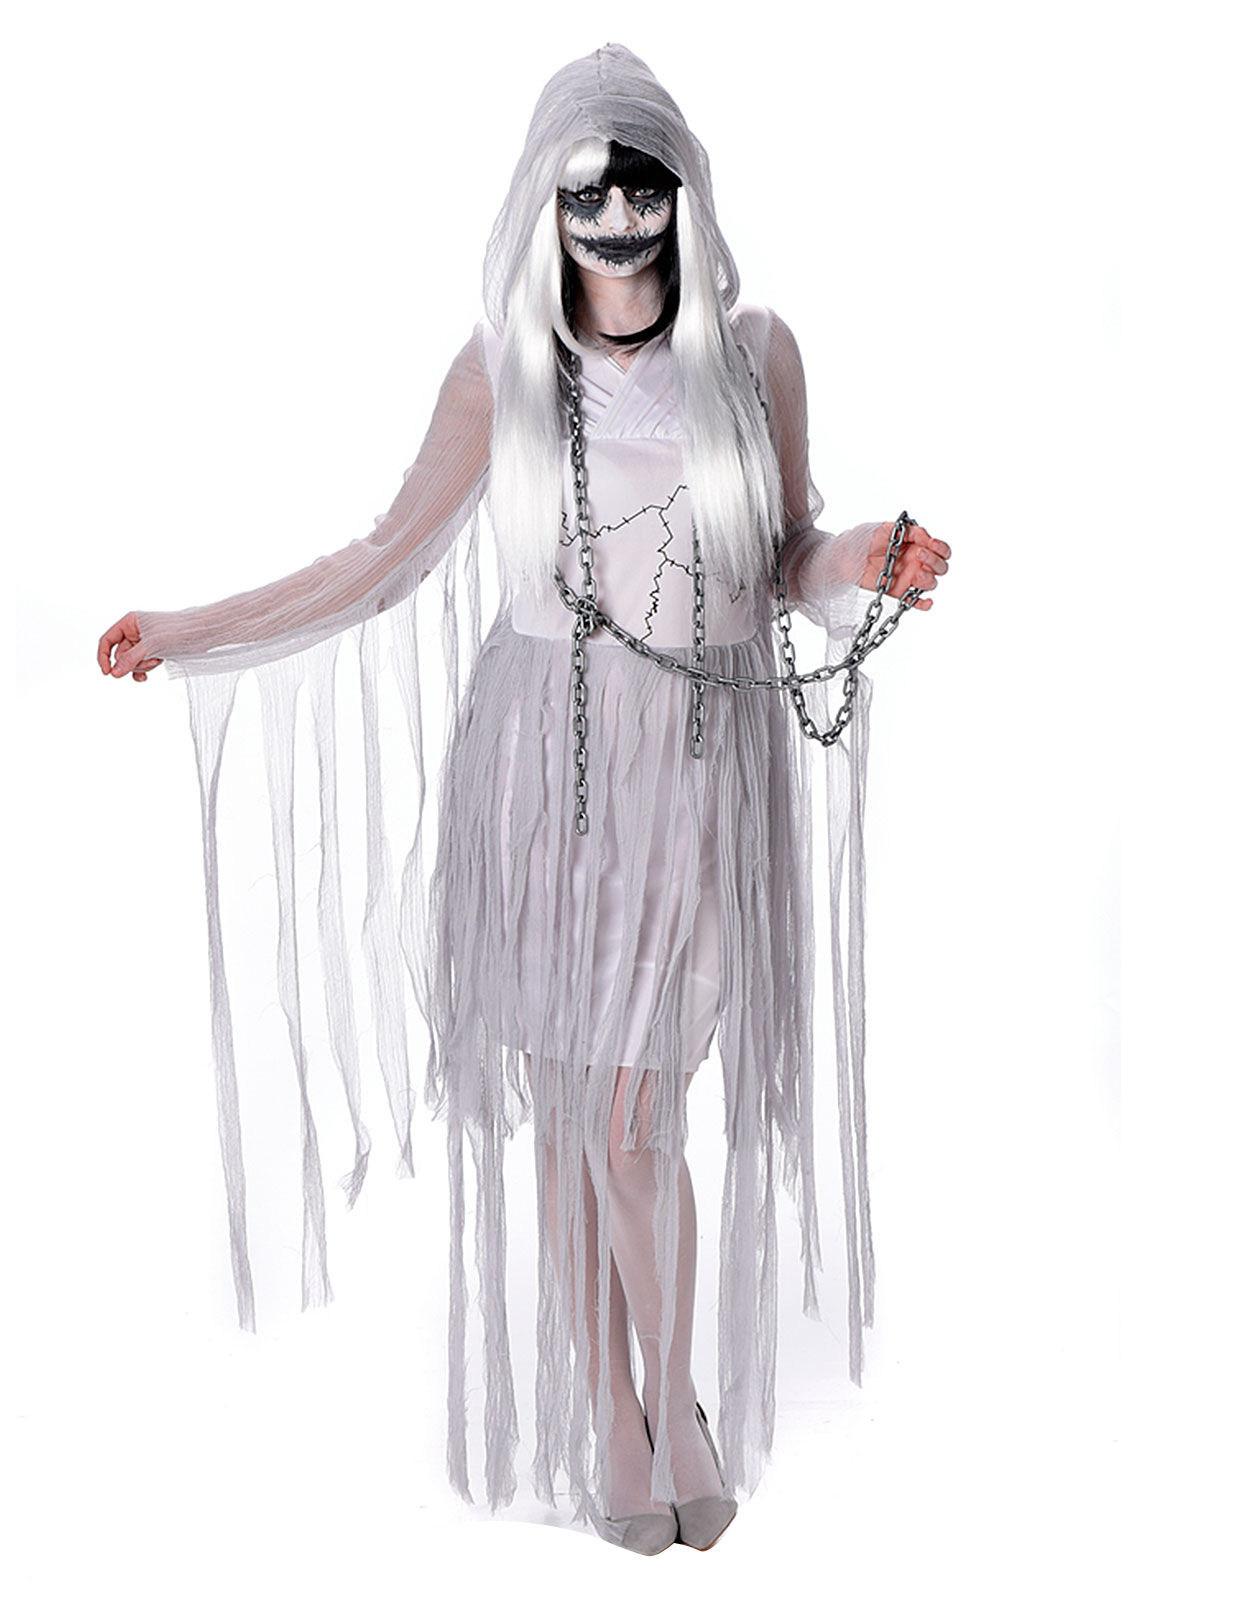 Déguisement Halloween Pour De Fantôme Blanc Femme R3j4Aq5L